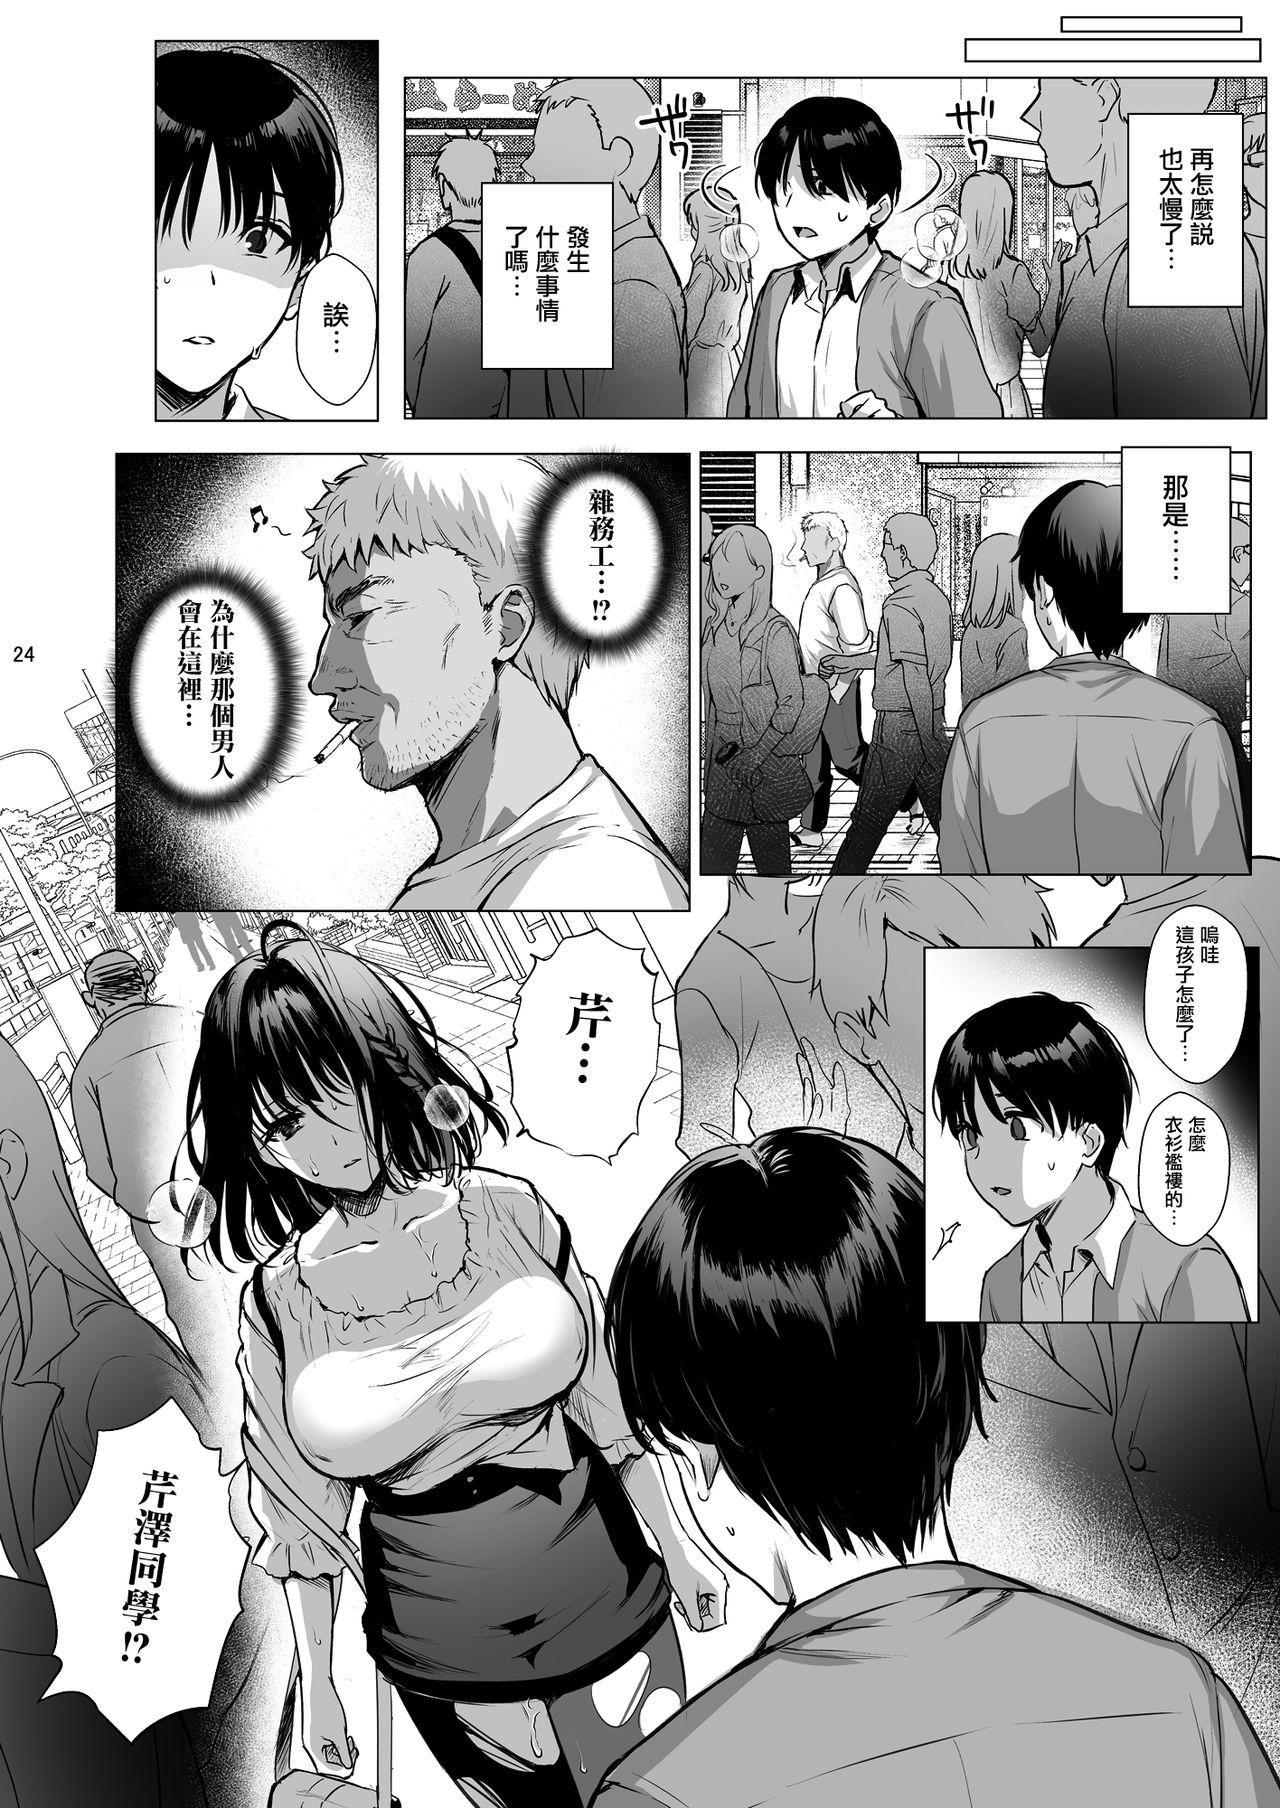 Toshoshitsu no Kanojo 3 24